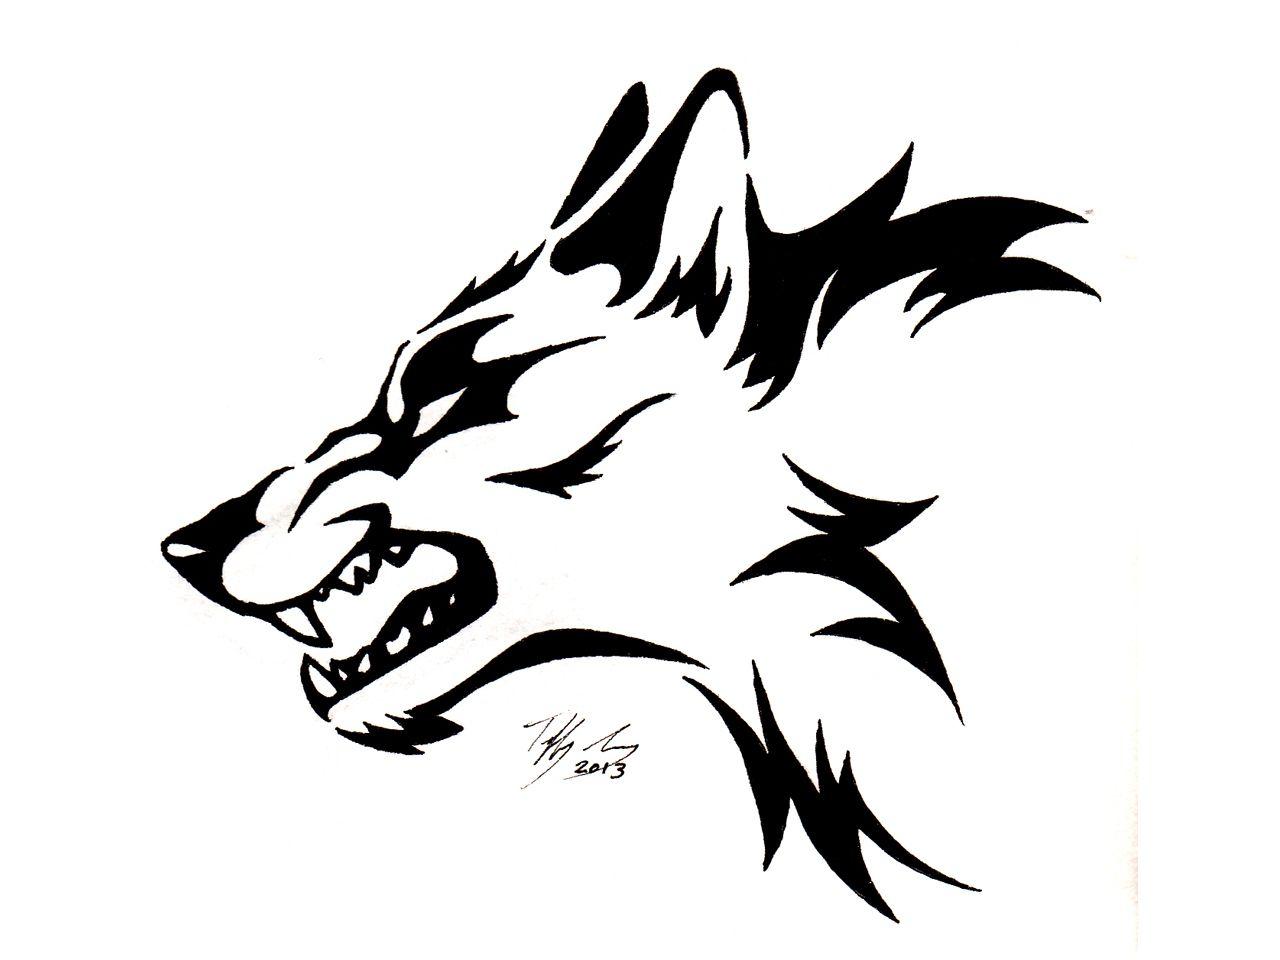 Animal Tattoo Design 004 Jpg 1280 960 Tribal Wolf Tattoo Tattoo Design Drawings Wolf Head Drawing